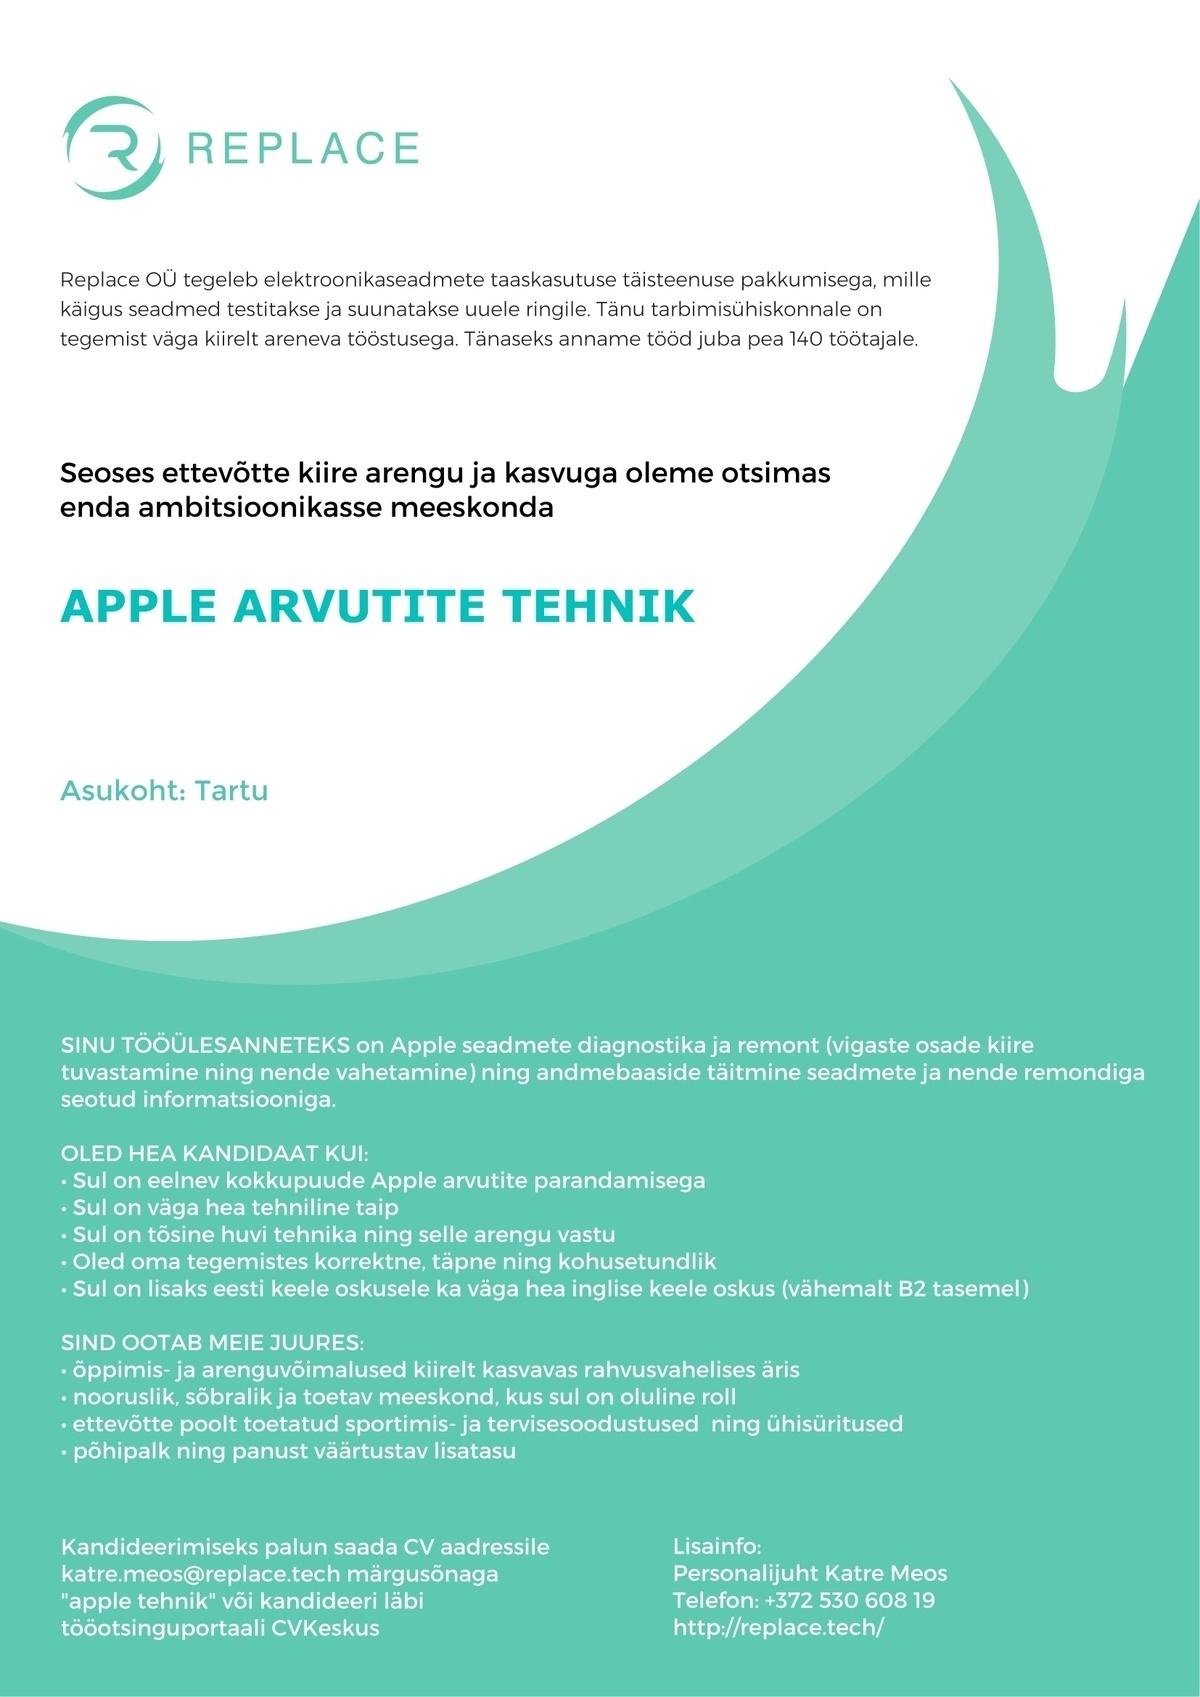 6c19d68837a CV Keskus tööpakkumine Apple arvutite tehnik